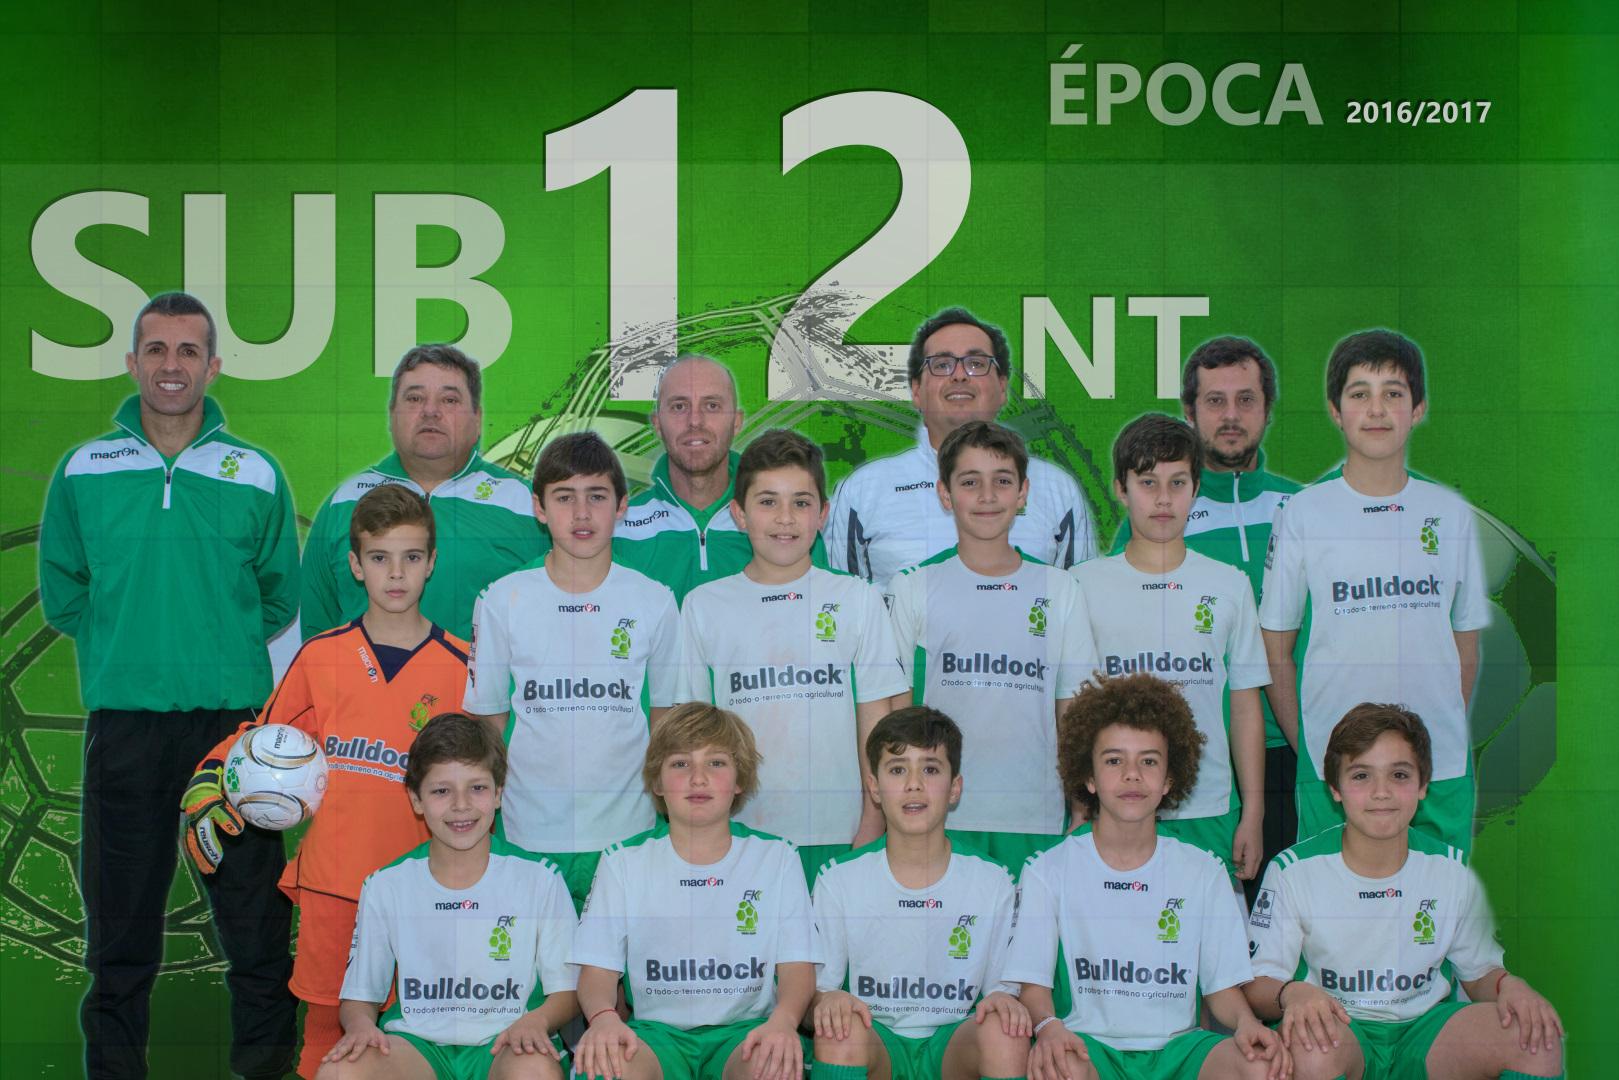 Equipa Sub12NT Footkart